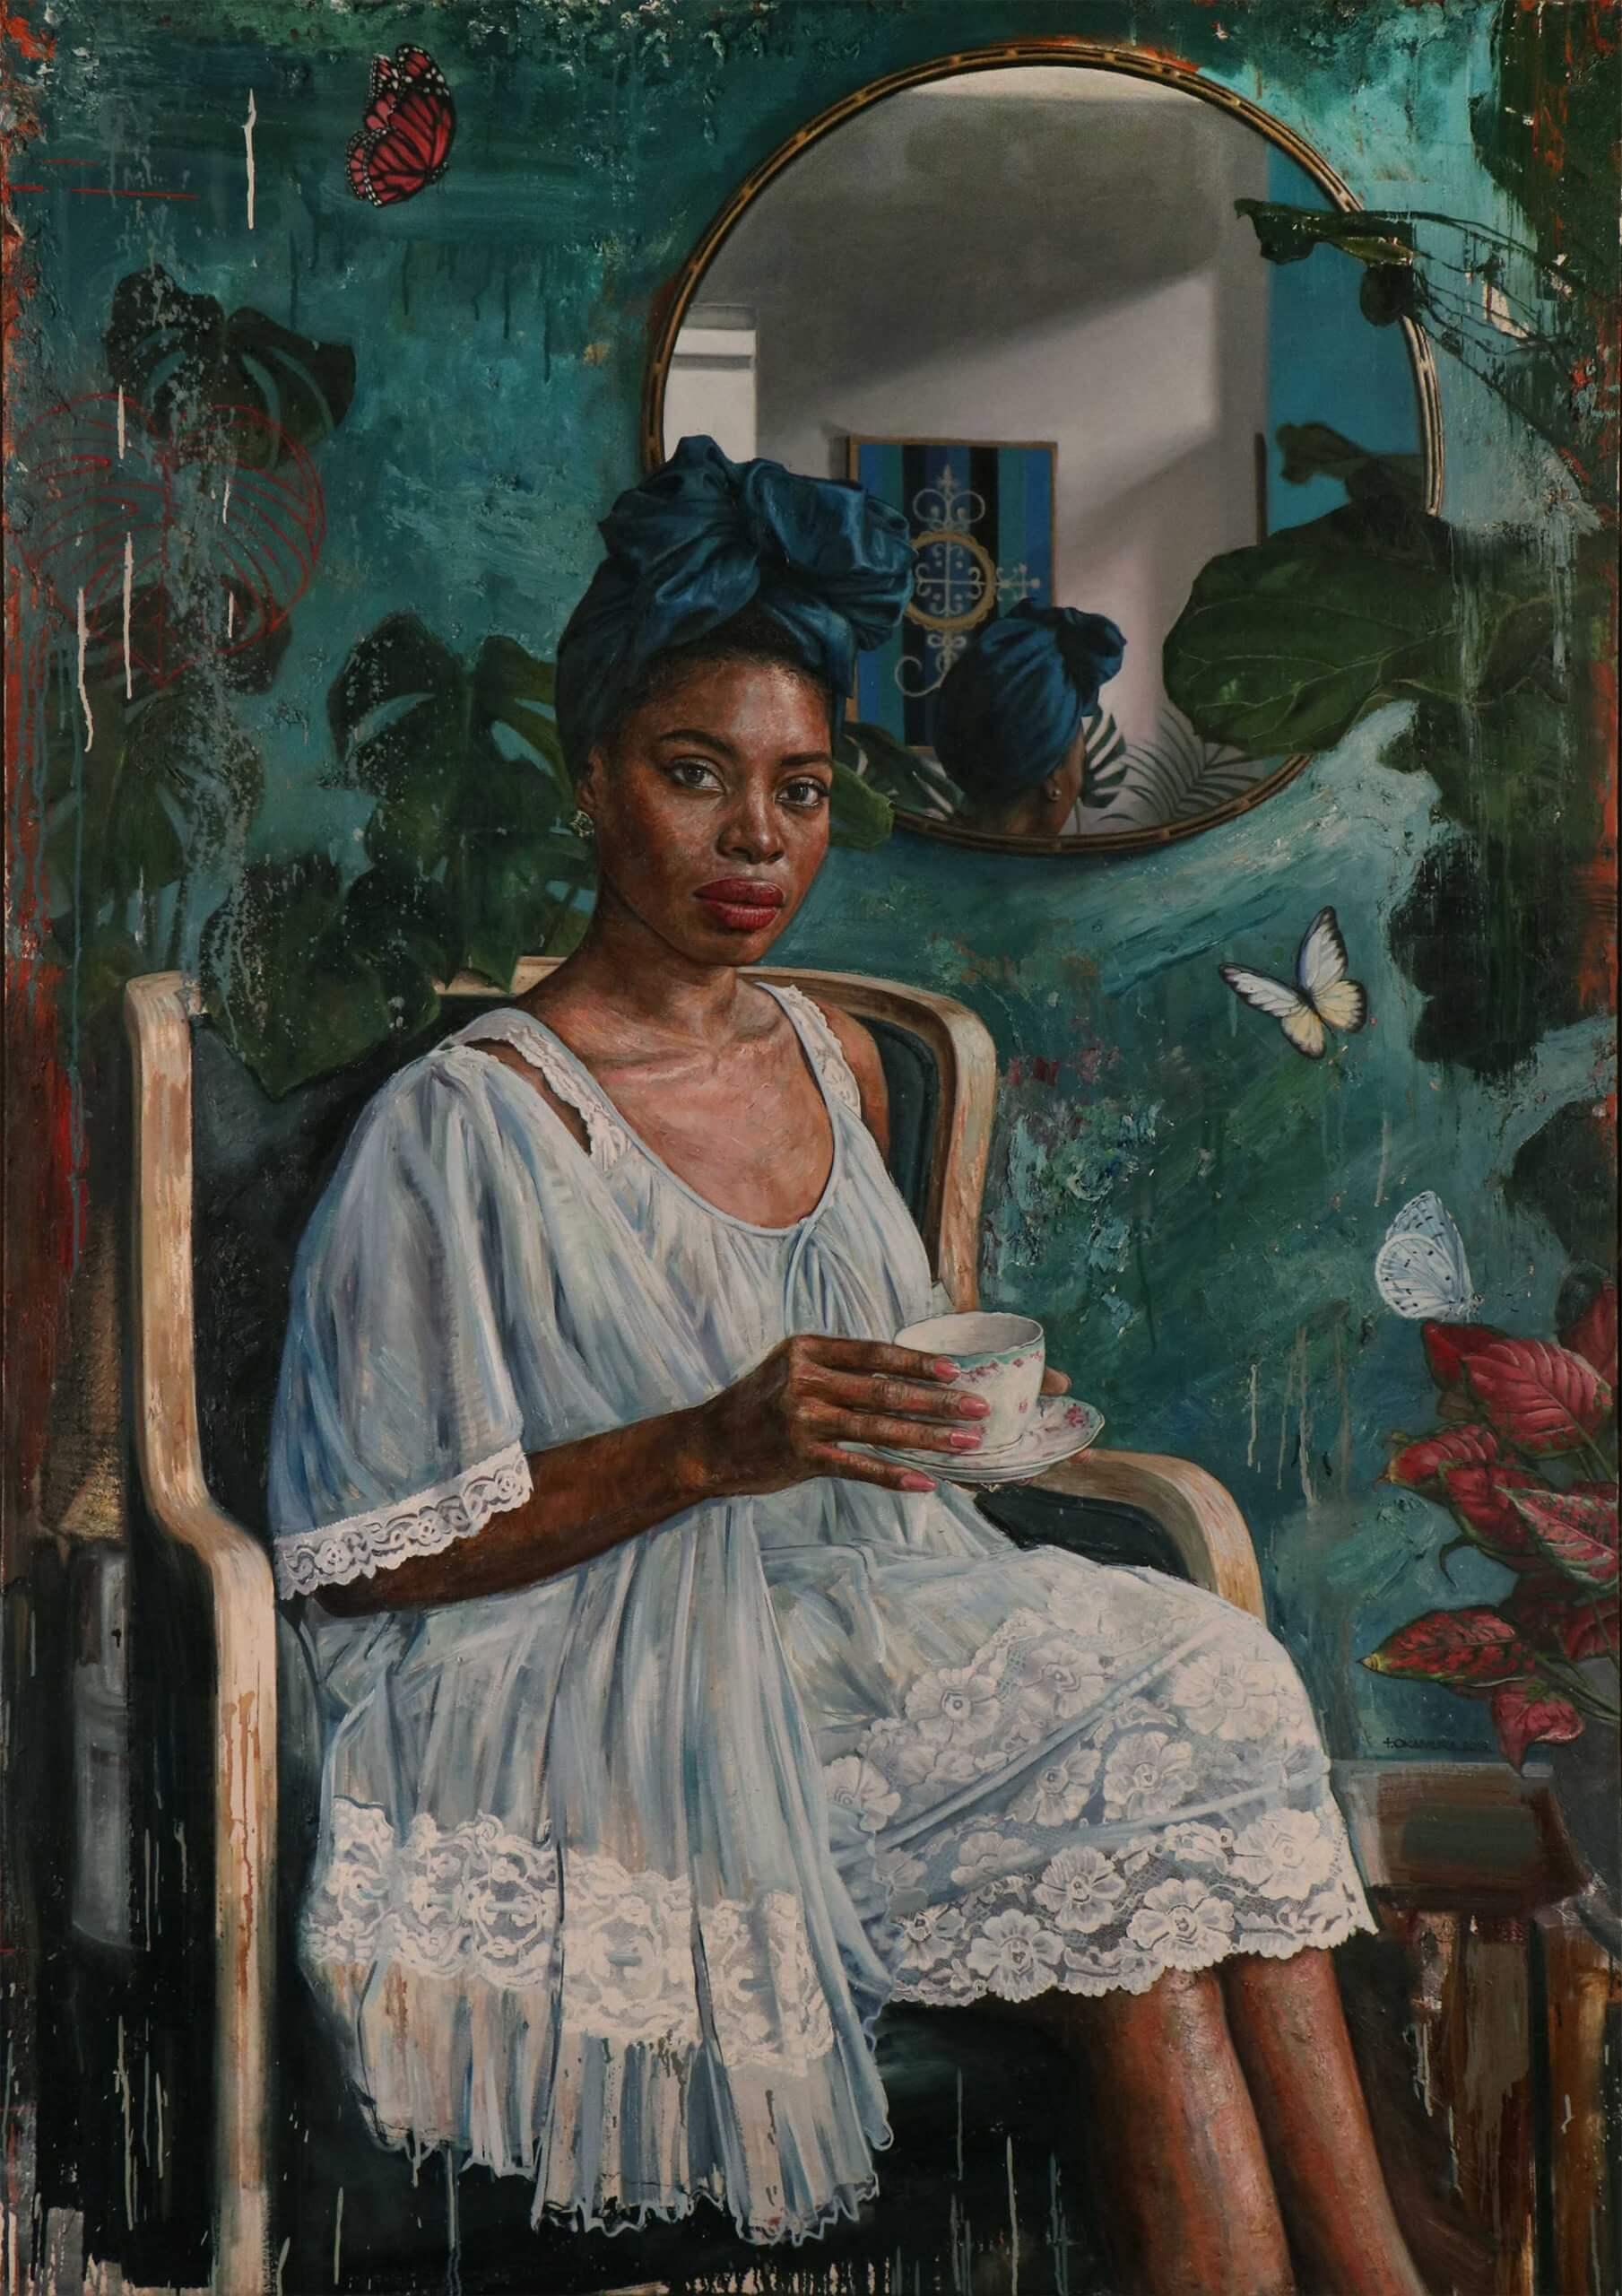 pintura de mujer de color tomando café por Tim okamura